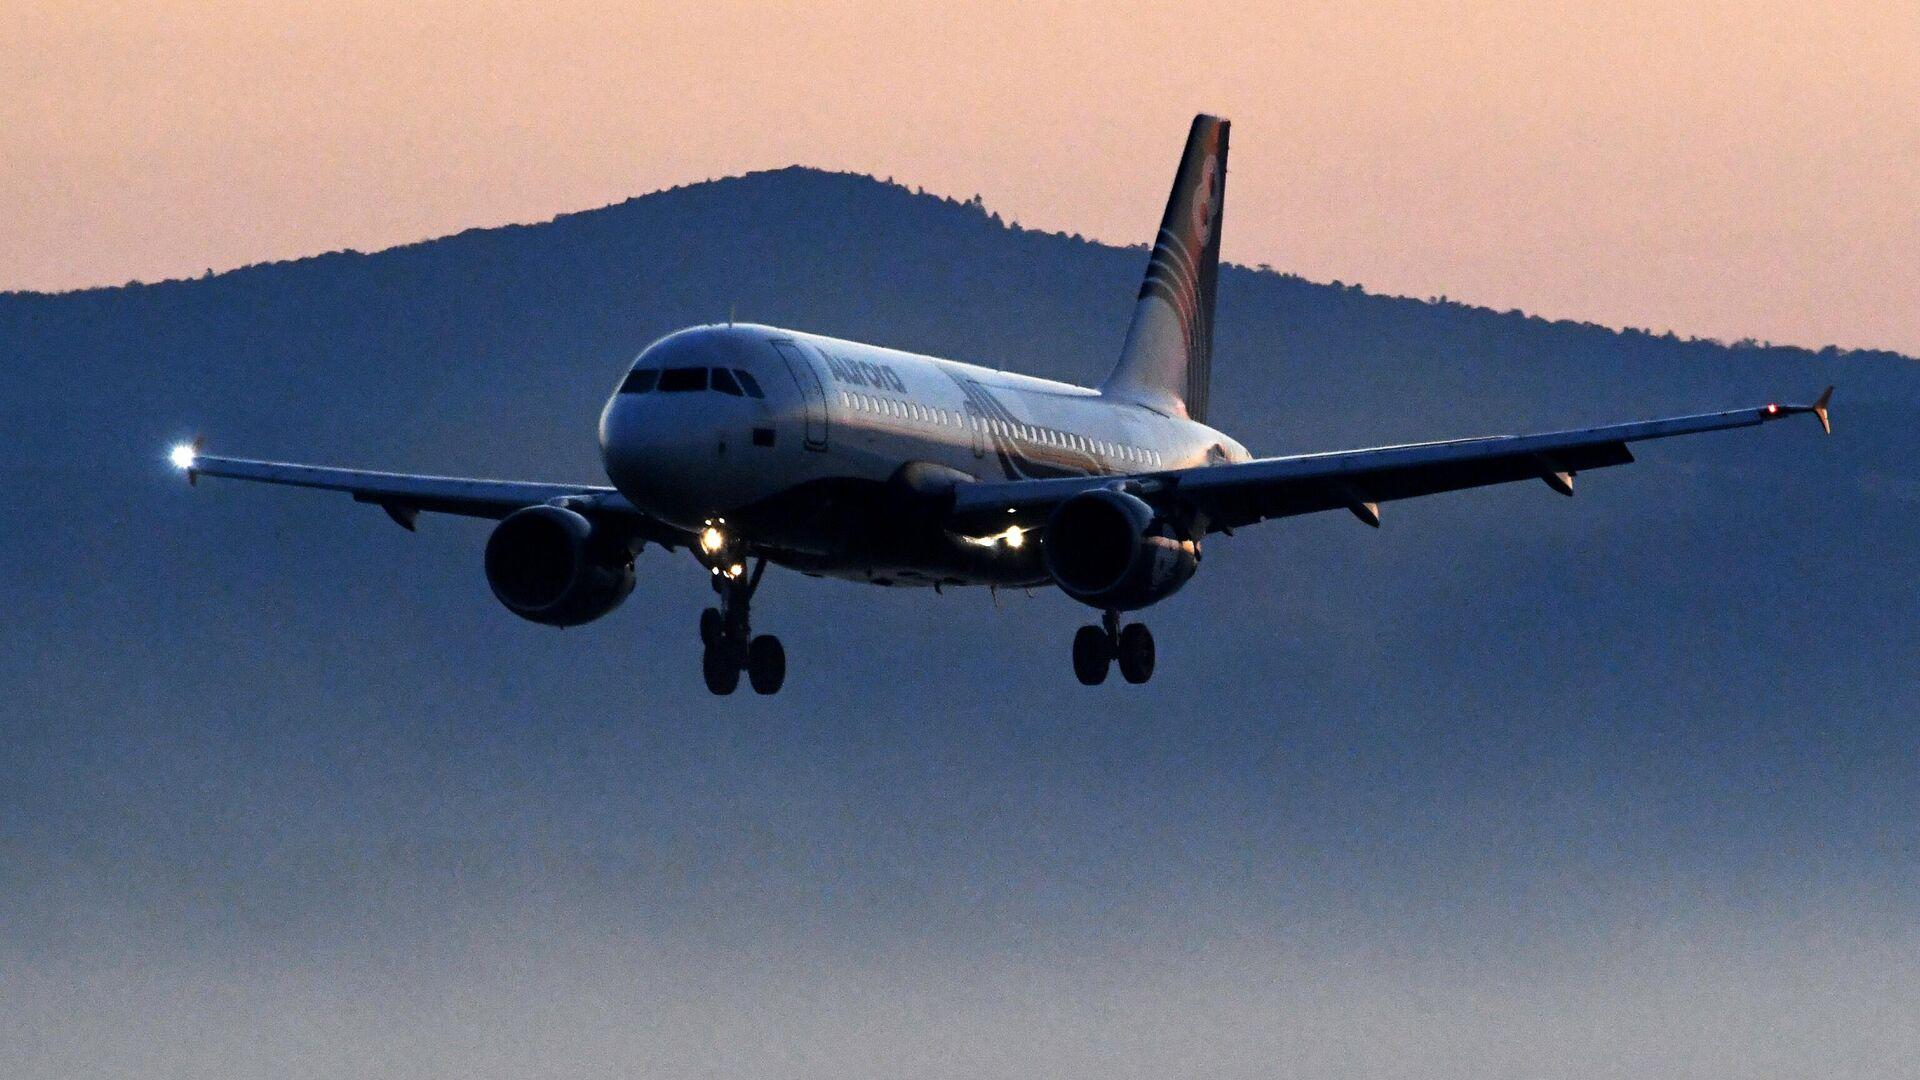 Самолет авиакомпании Аврора Airbus A319 во время посадки в международном аэропорту Владивосток - РИА Новости, 1920, 29.06.2021